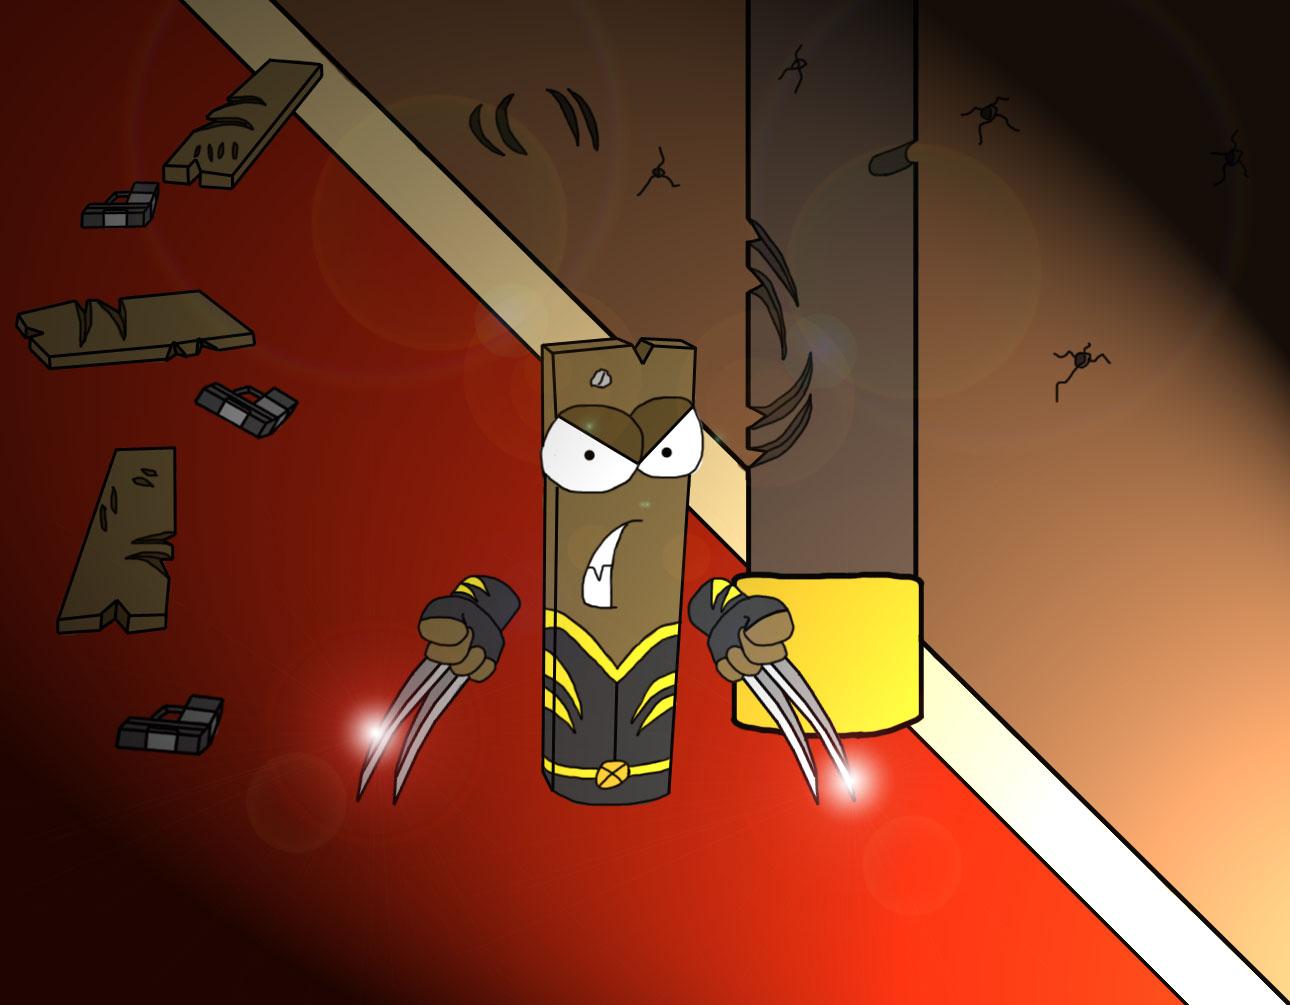 X-Plank